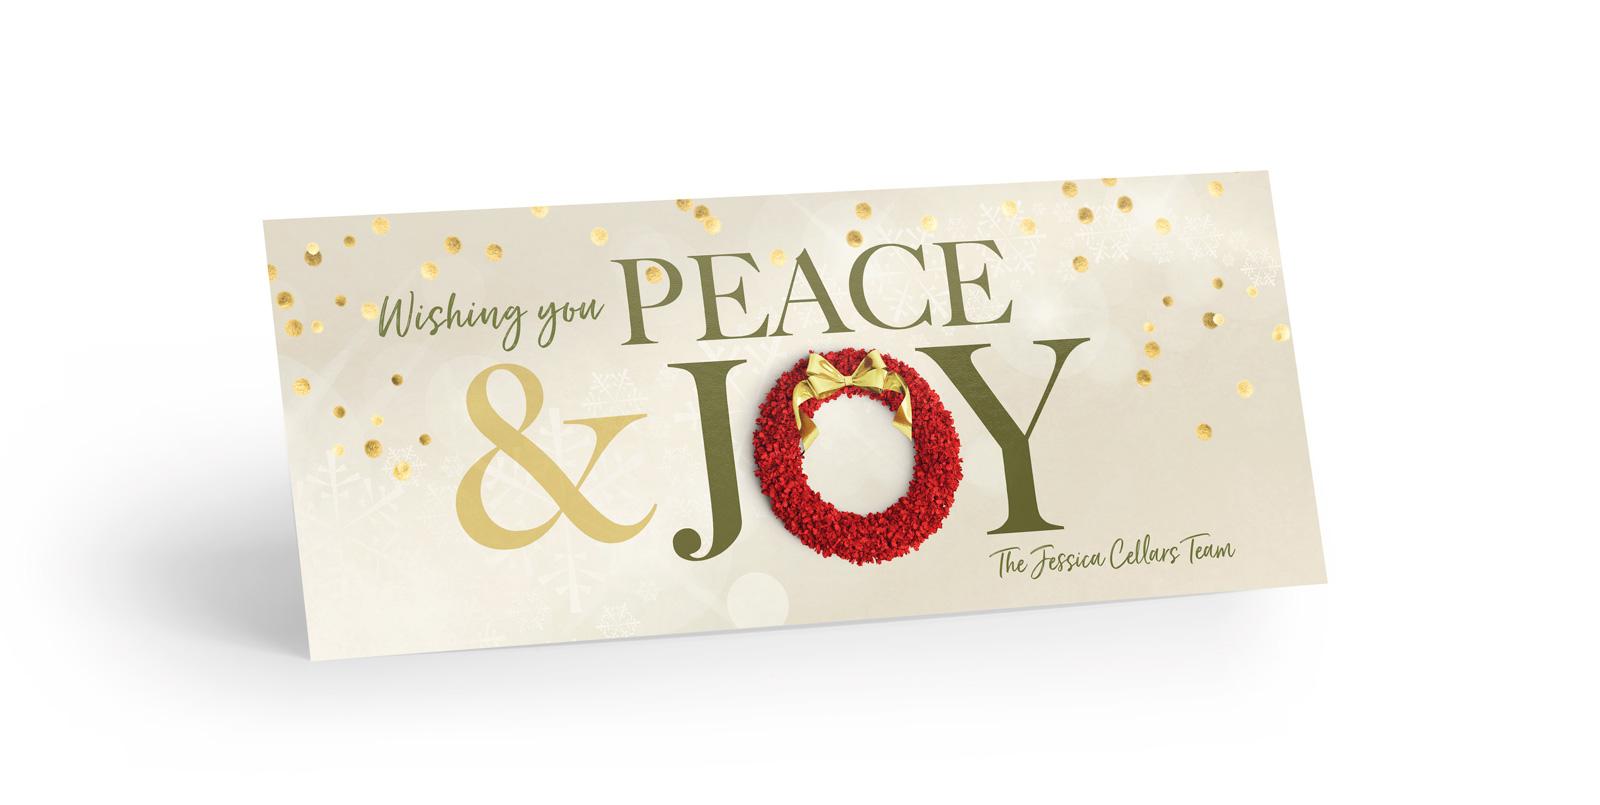 Corefact Seasonal - Peace & Joy